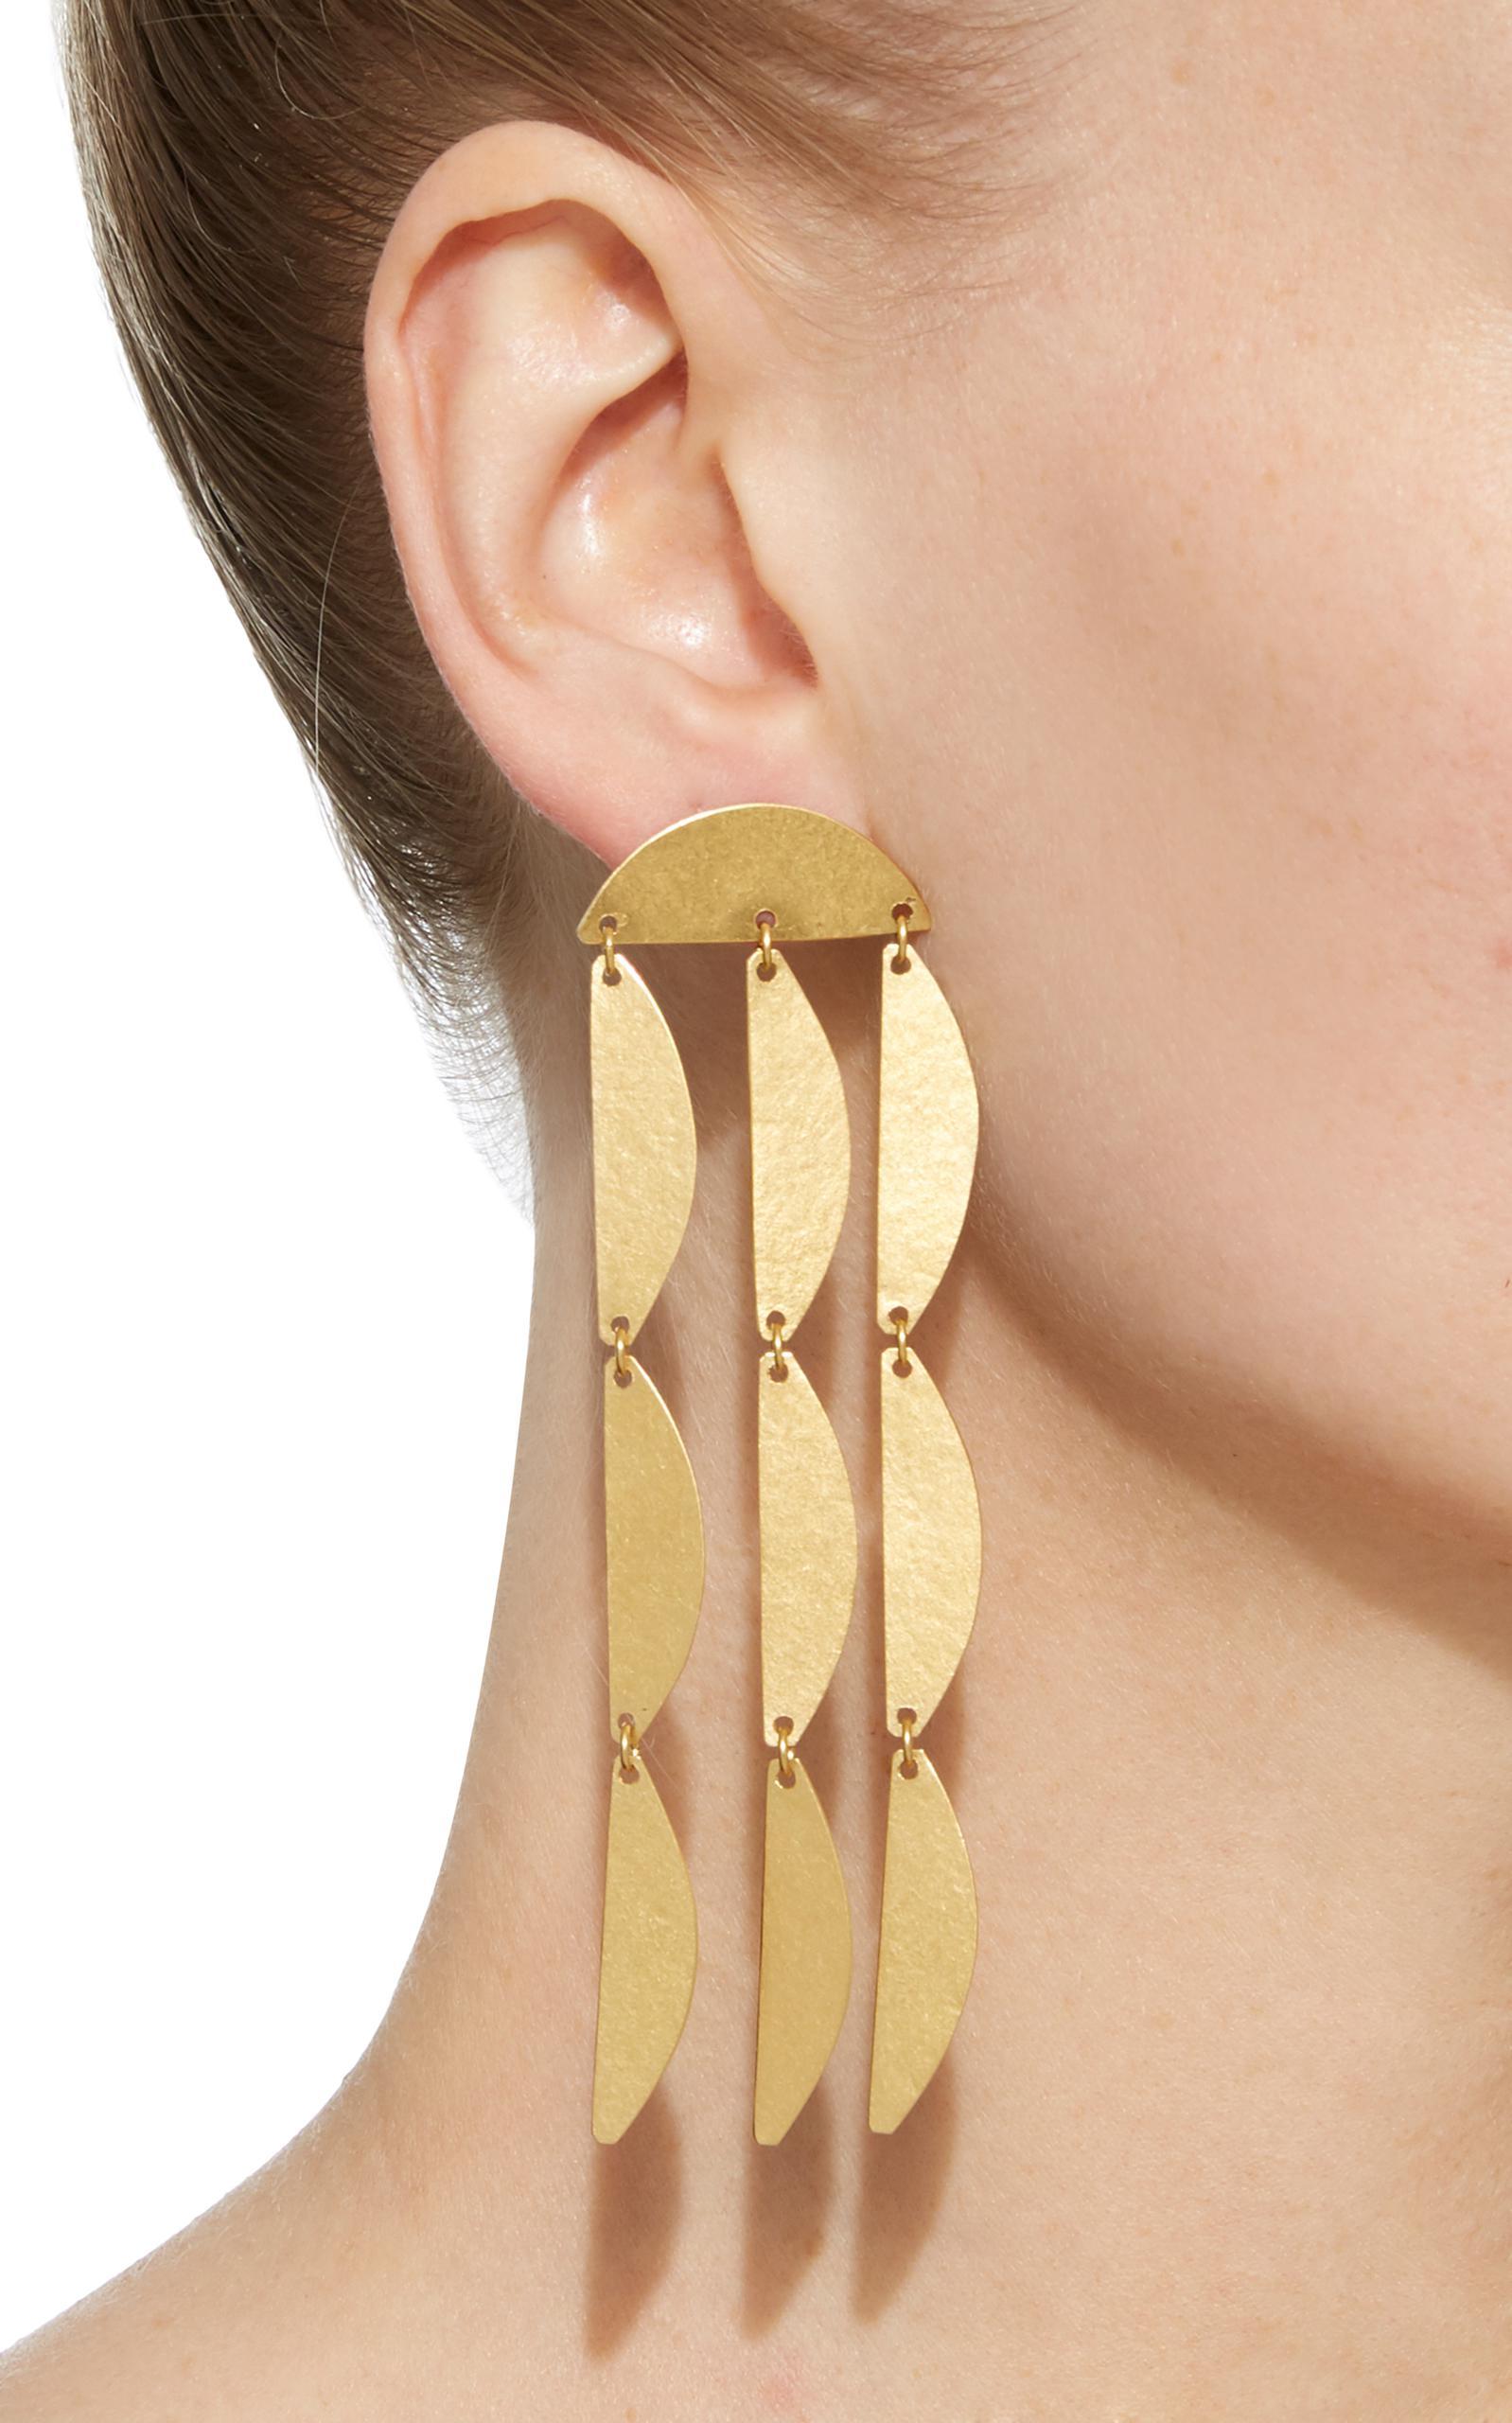 Annie Costello Brown Rain earrings OMp68iqPg